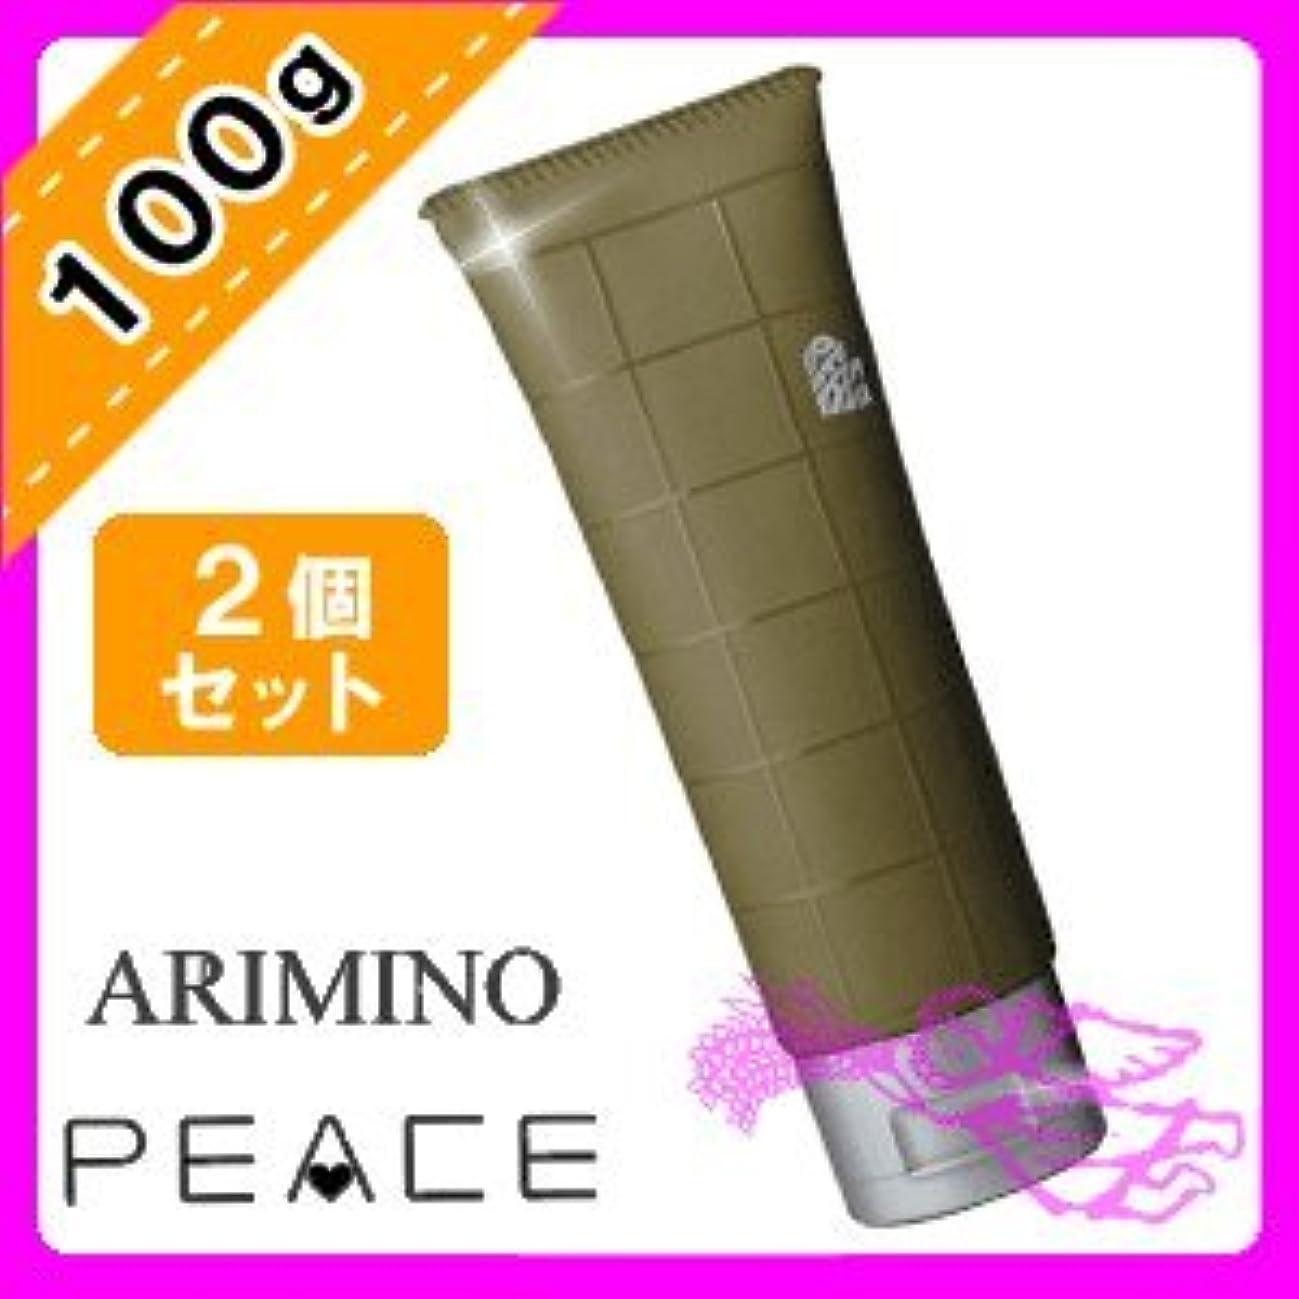 曲隠す並外れてアリミノ ピース ウェットオイル ワックス 100g ×2個セット arimino PEACE